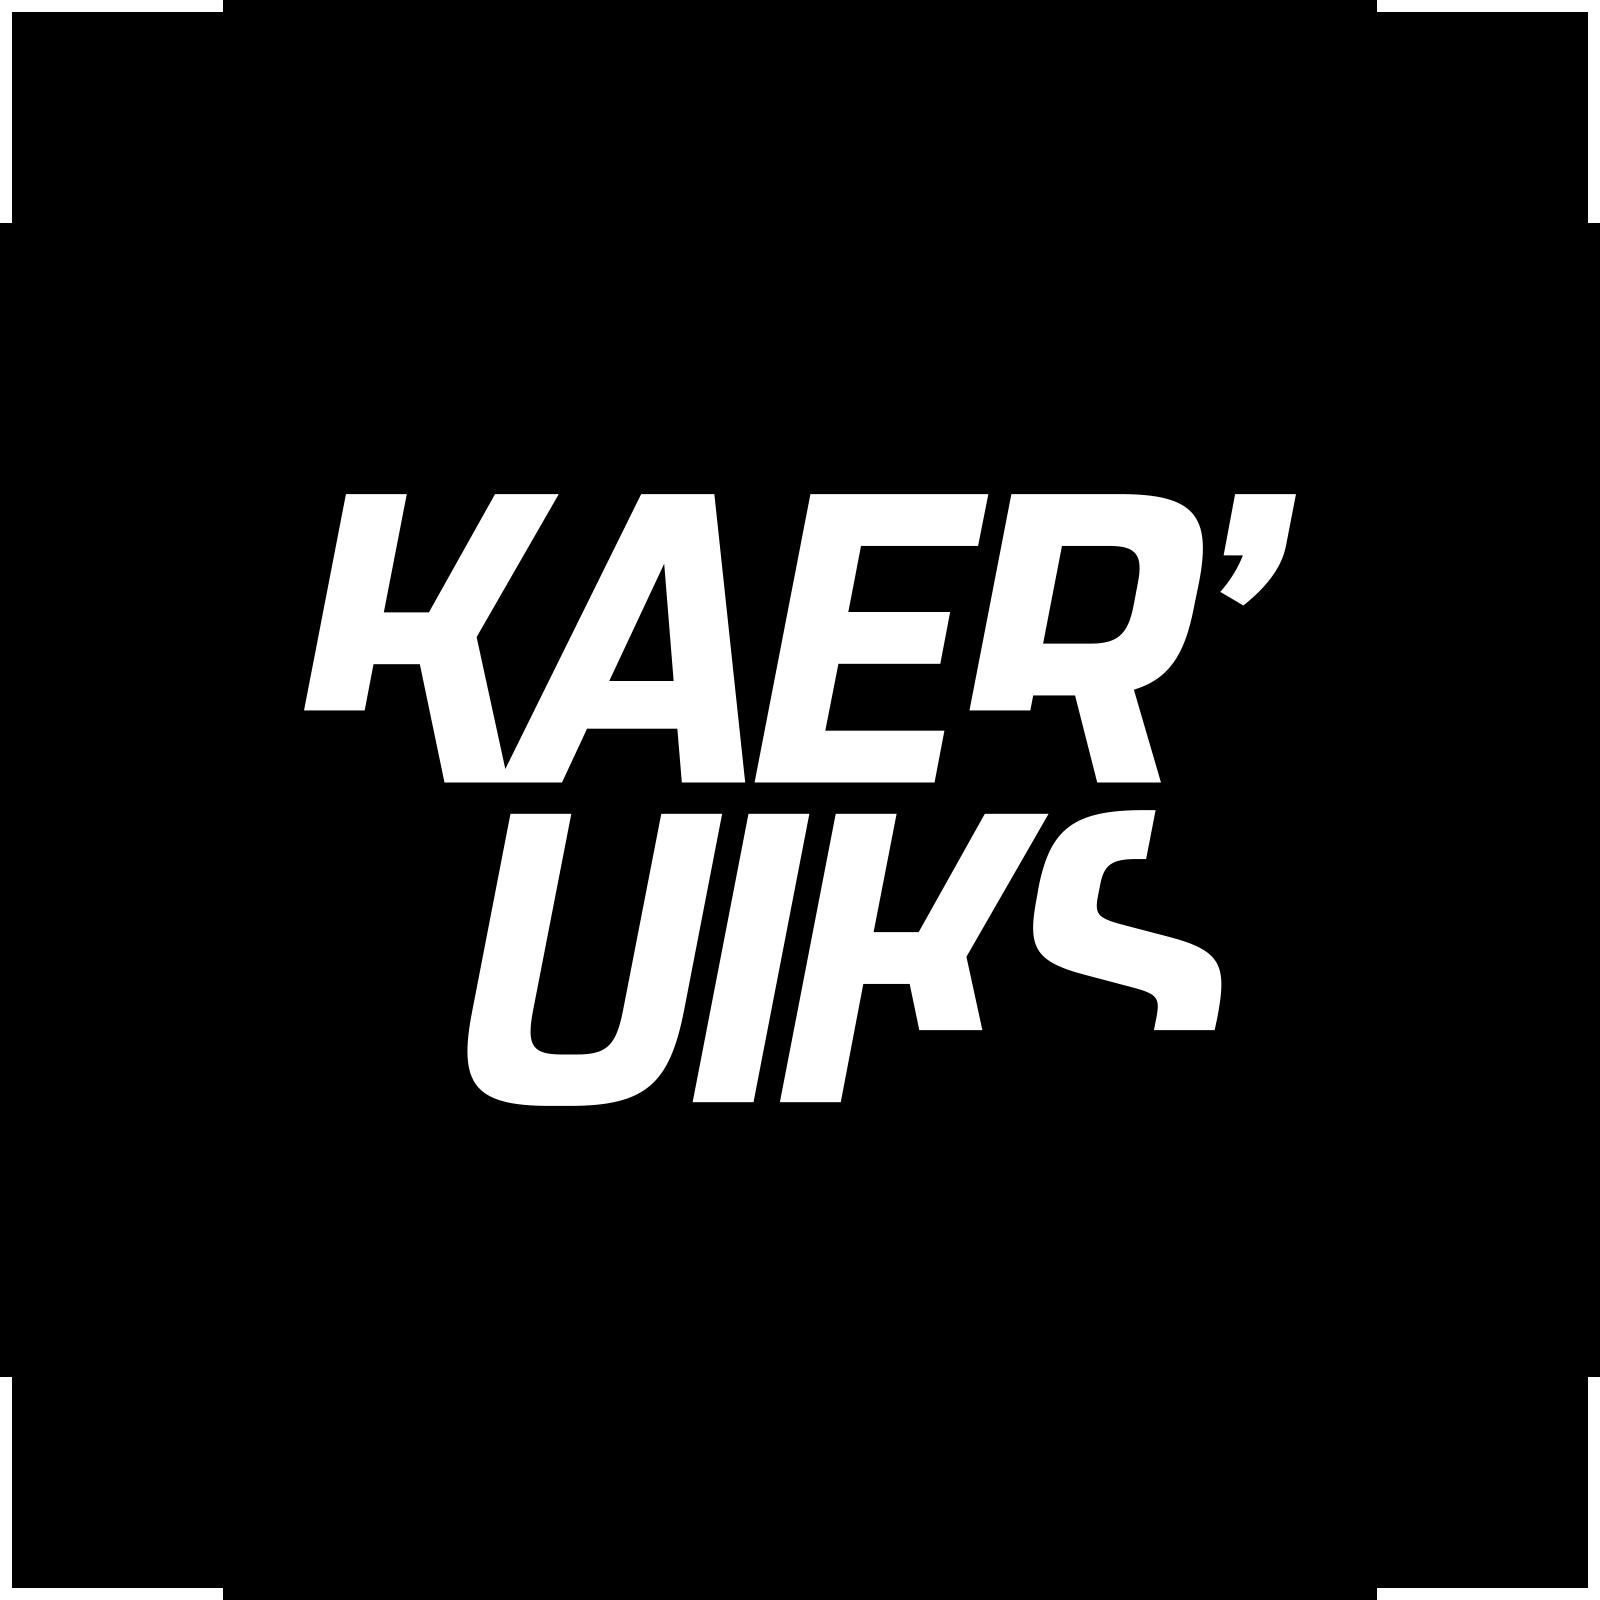 KAER'UIKS